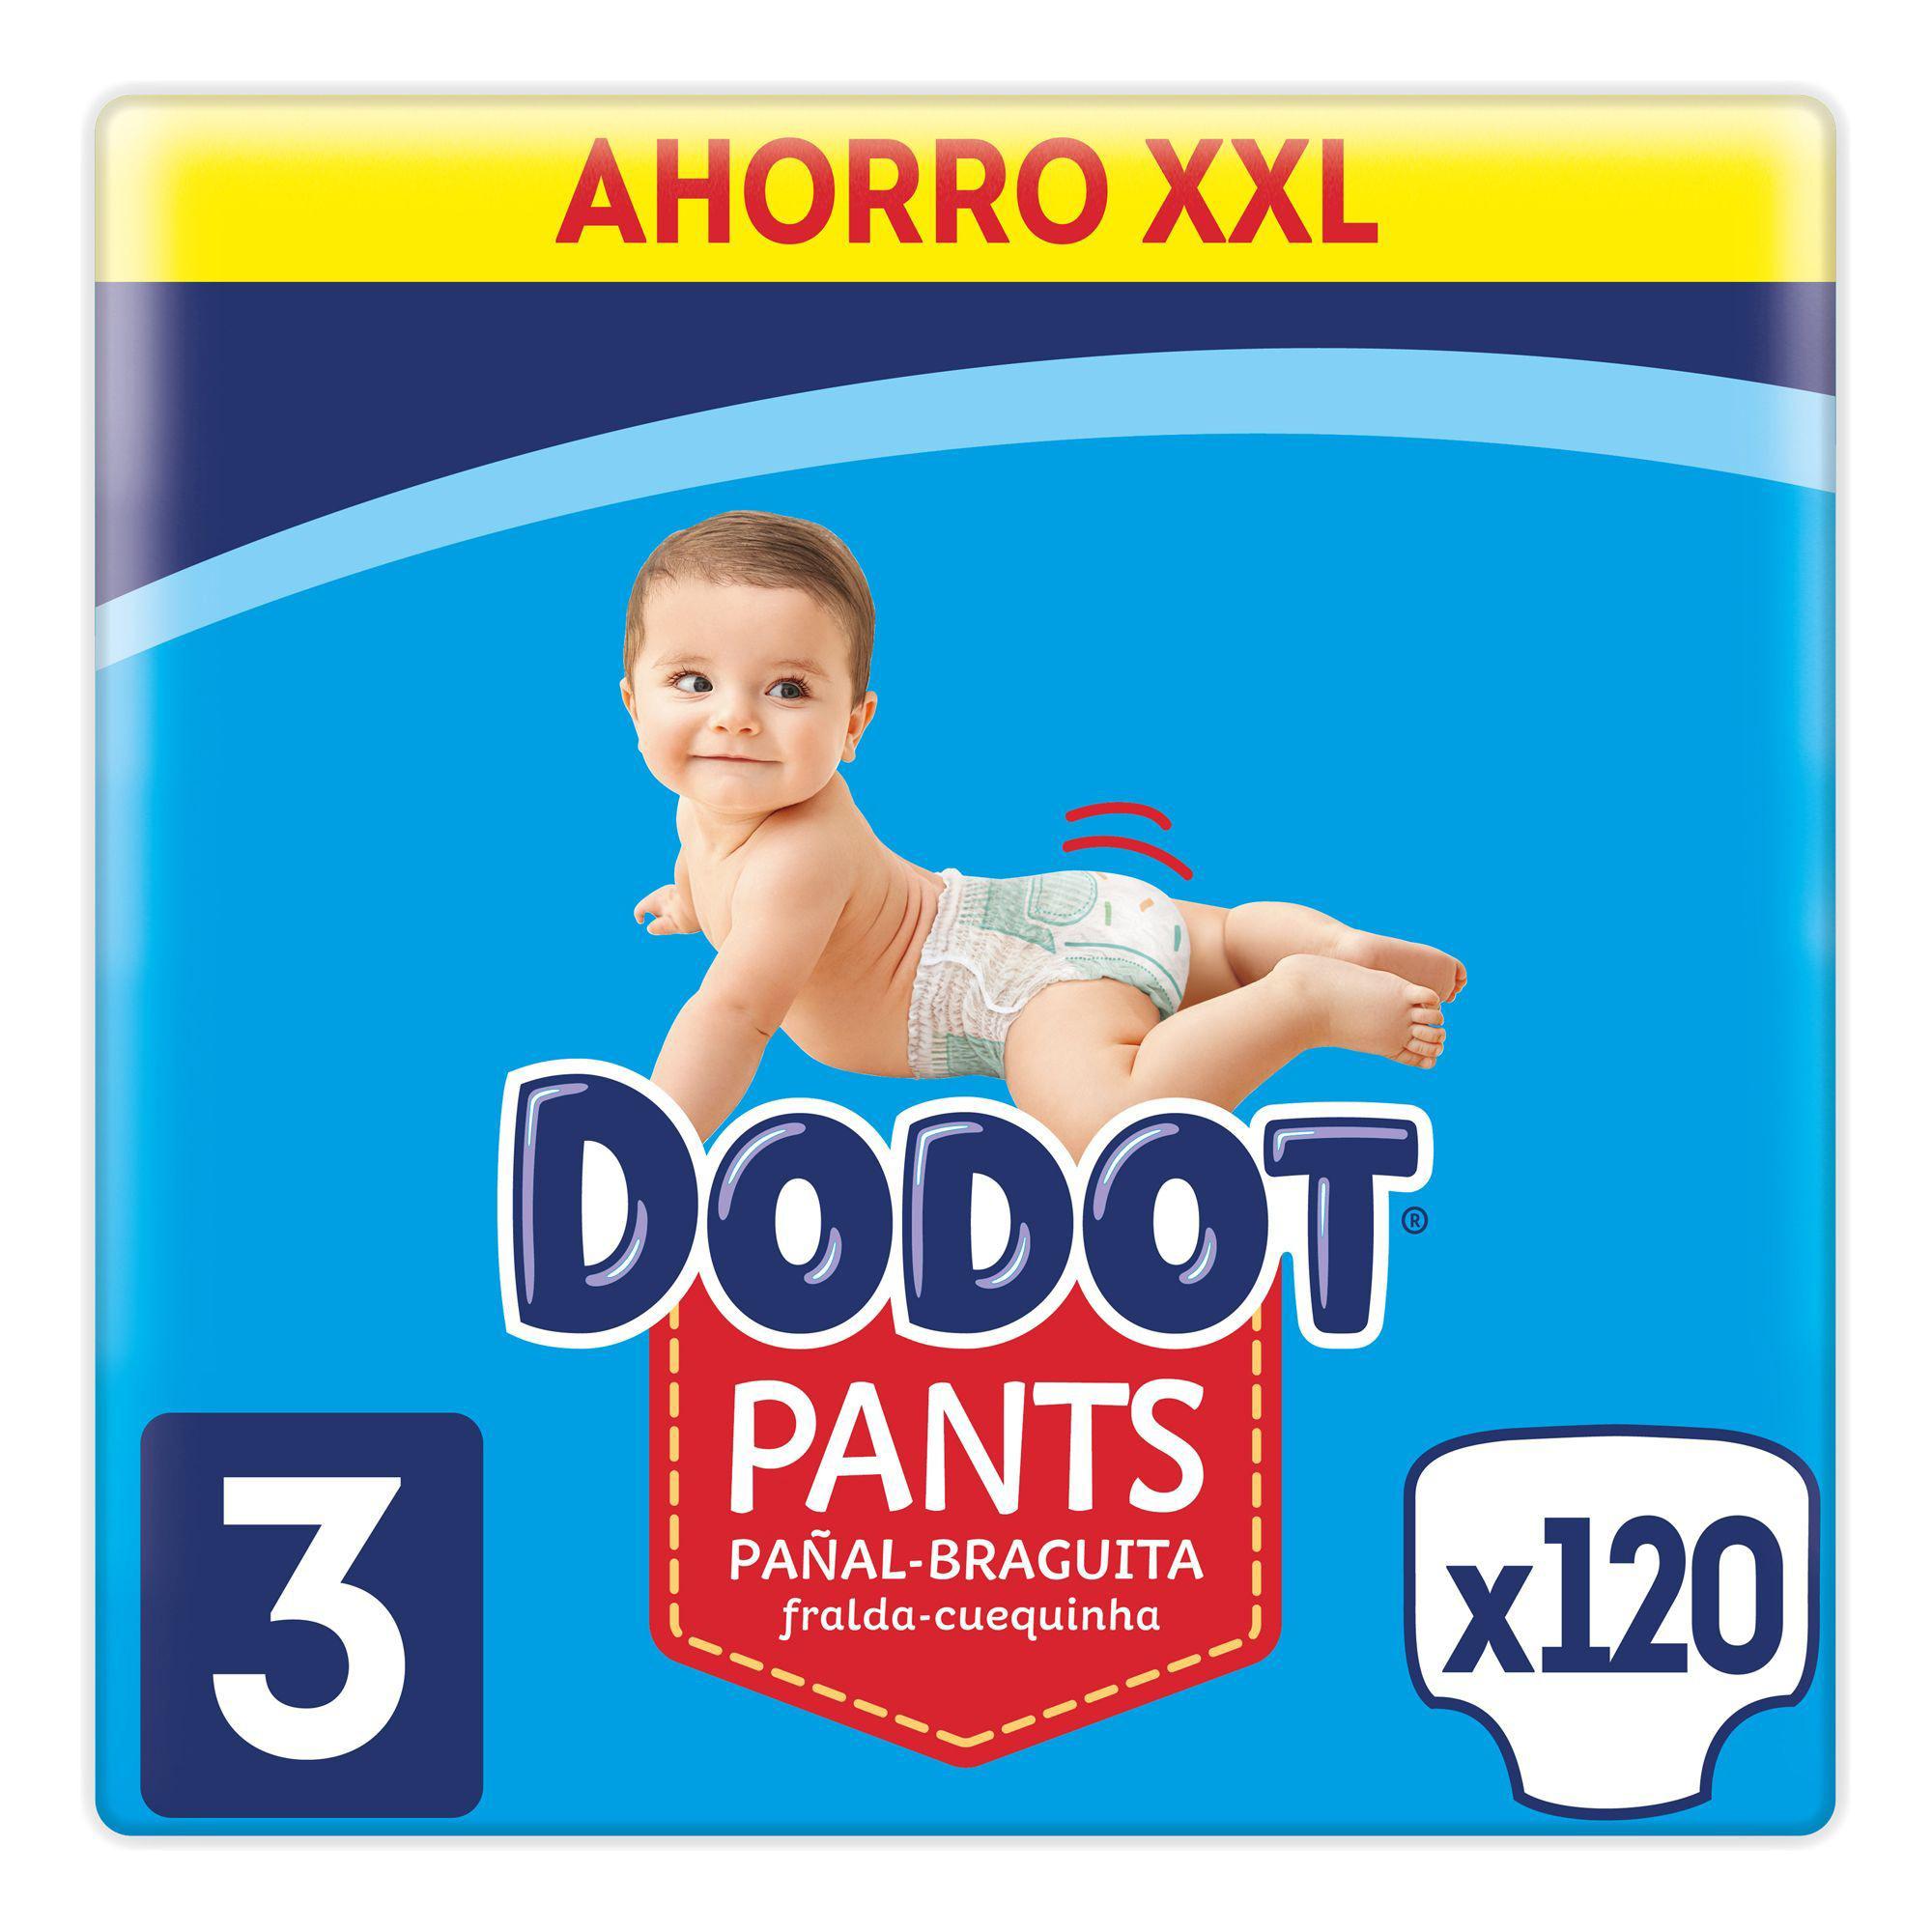 Pañales Dodot Pants 9,5ctmos la unidad